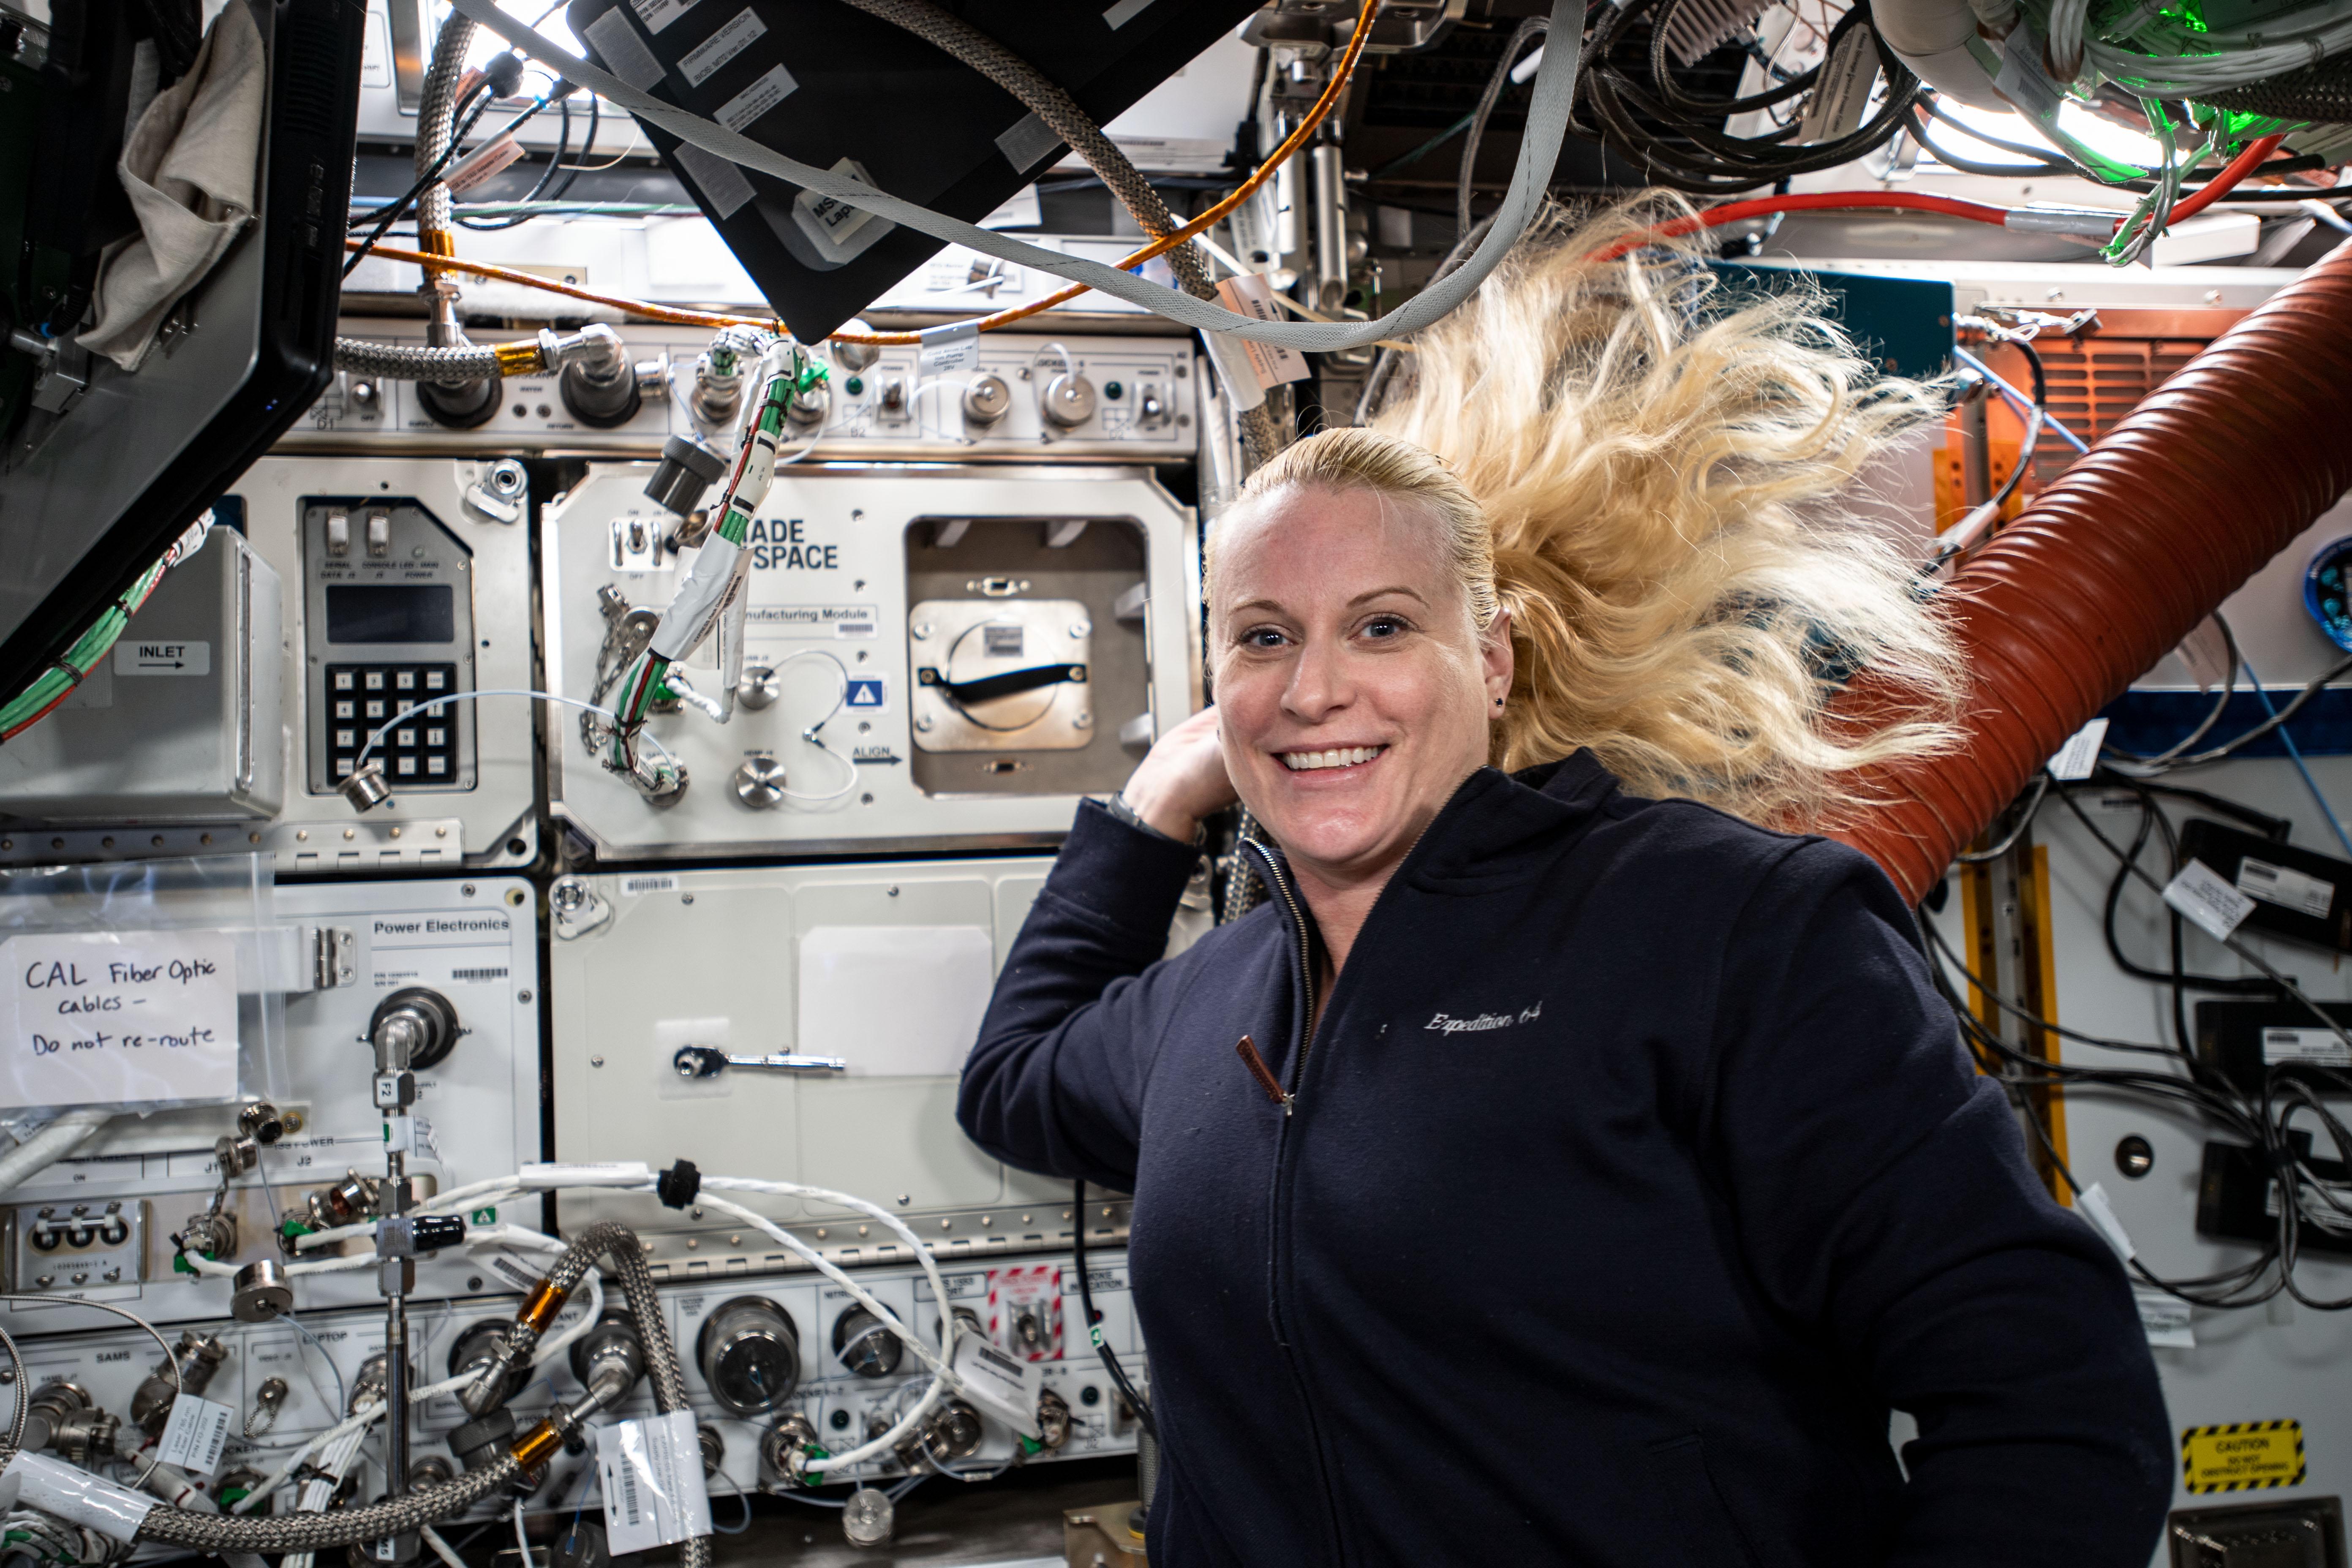 L'astronaute de la NASA Kate Rubins après avoir installé avec succès le module de fabrication de céramique de Made In Space sur la Station spatiale internationale à l'automne 2020.